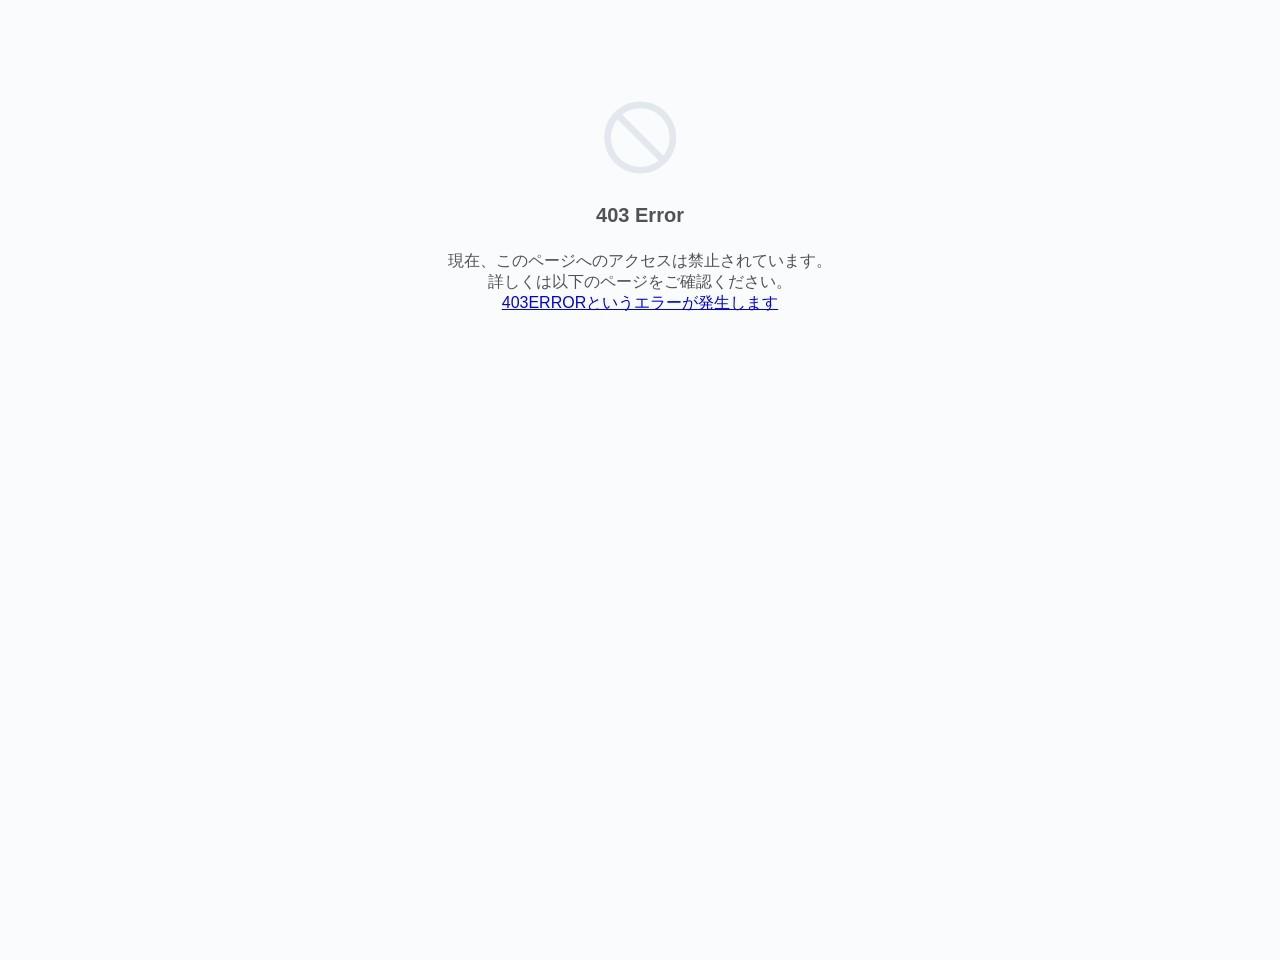 株式会社吉南環境テクニカルサービス